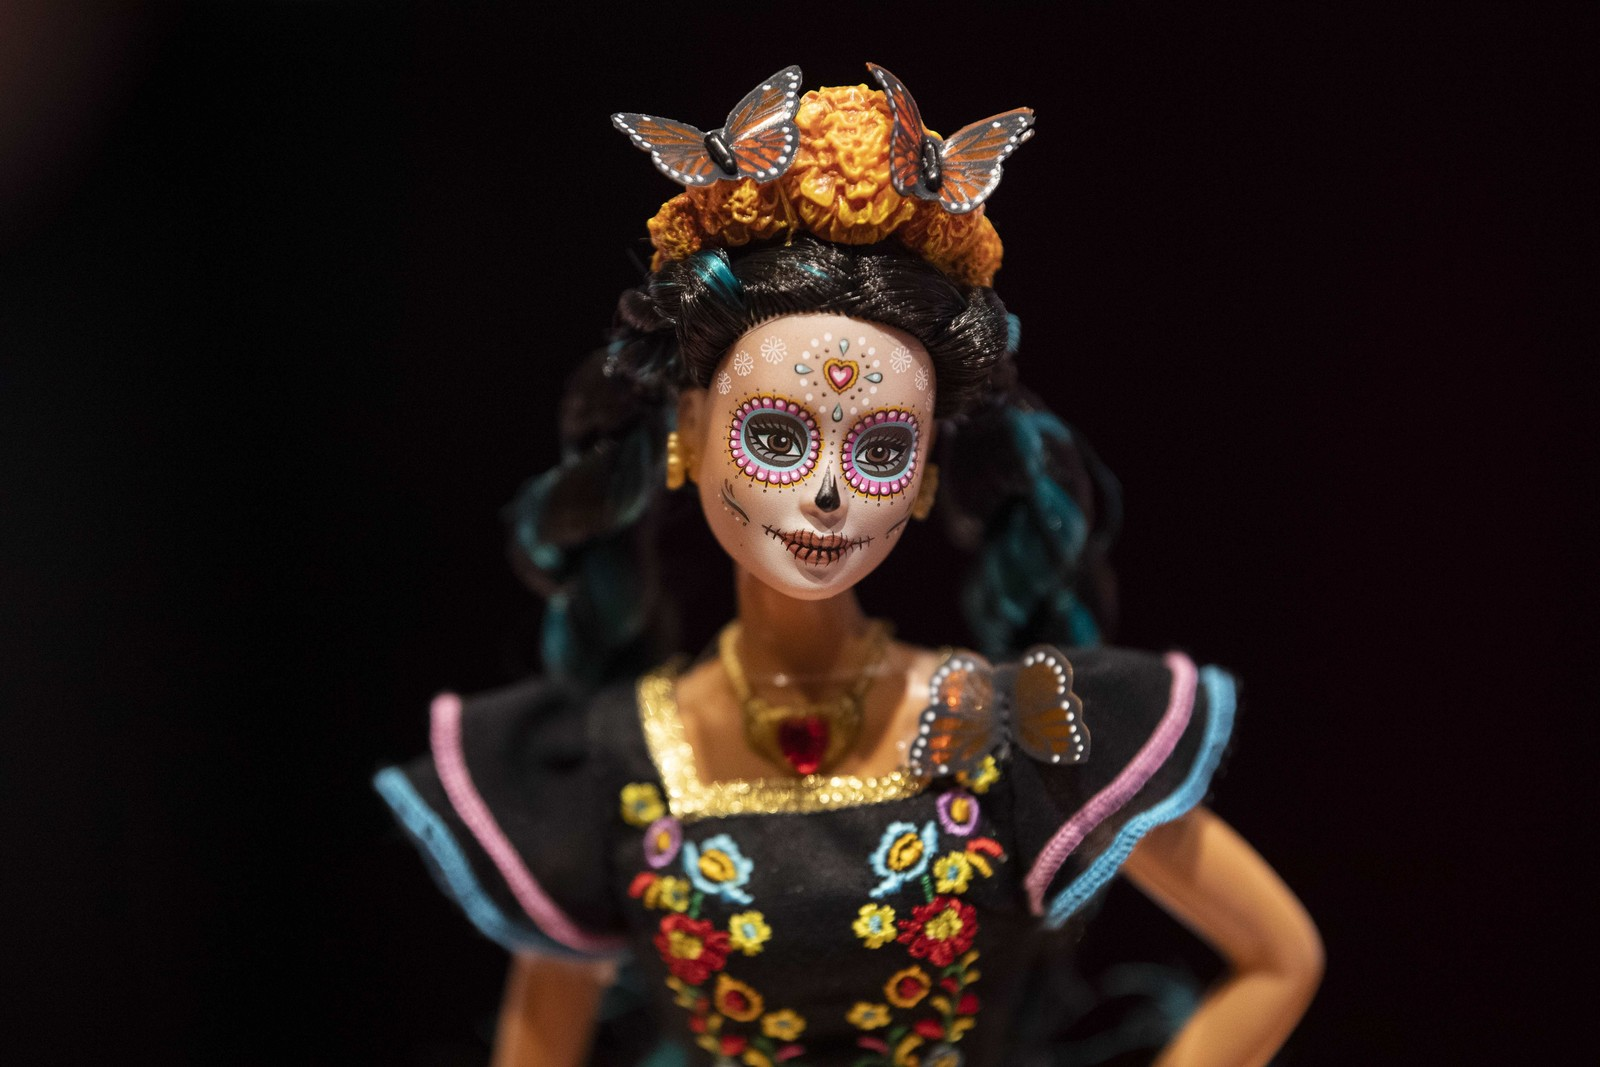 Edição especial da Barbie é lançada no México para Dia dos Mortos